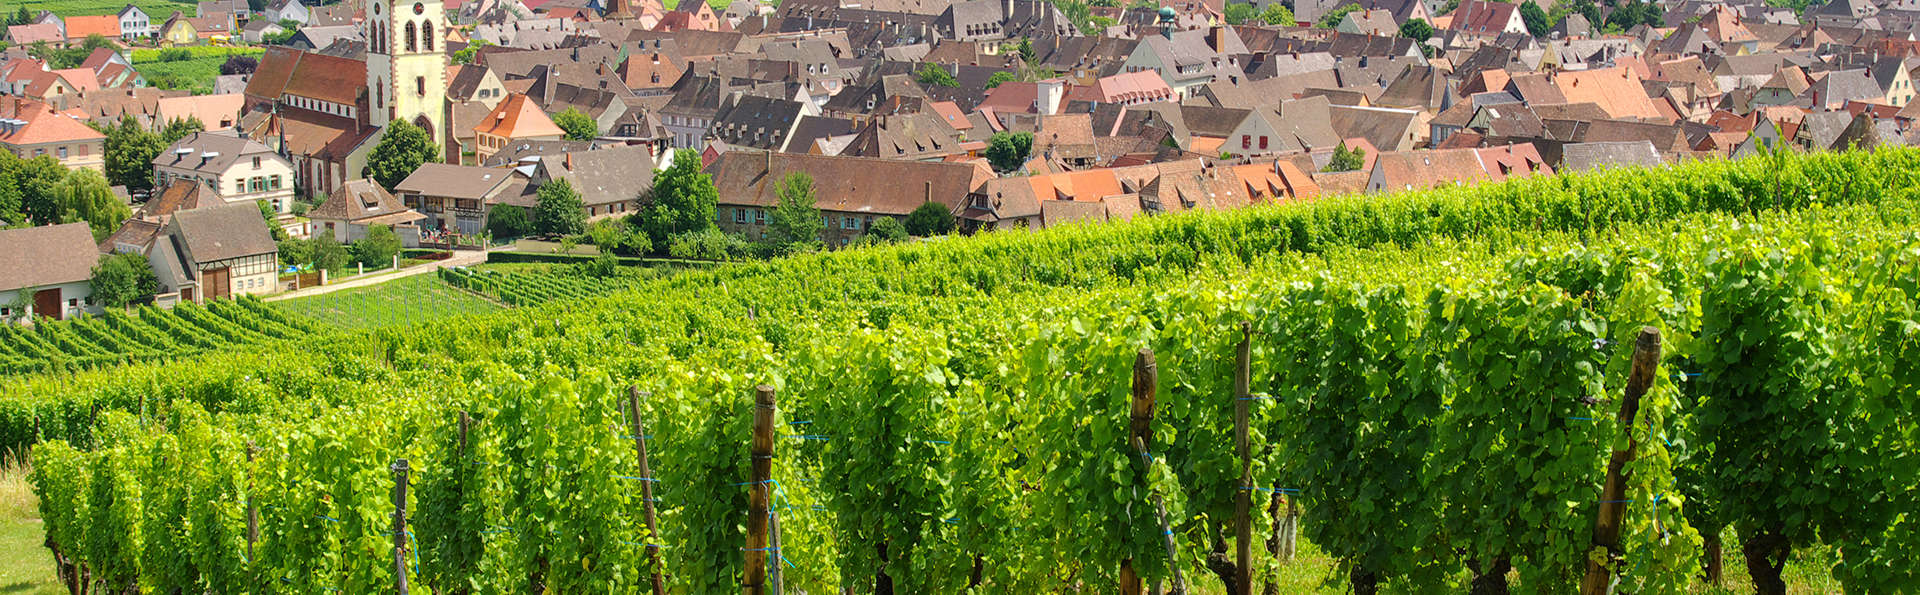 Escapade romantique sur la route des vins